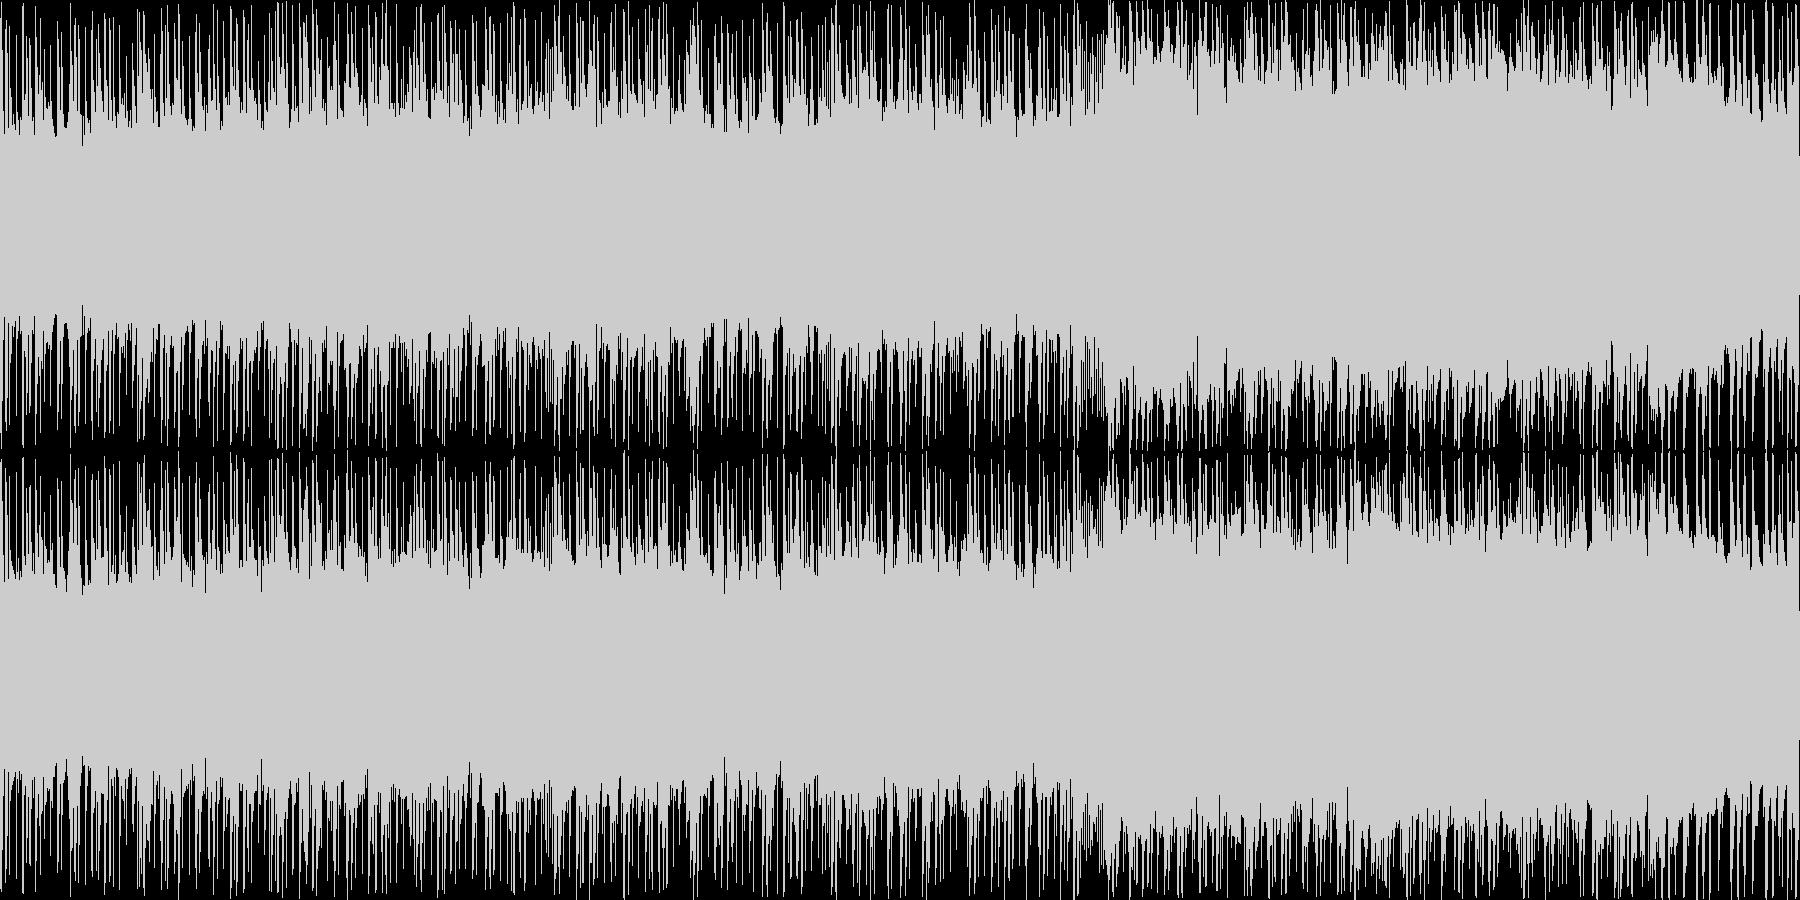 風を切るイメージのBGM(ループ)の未再生の波形